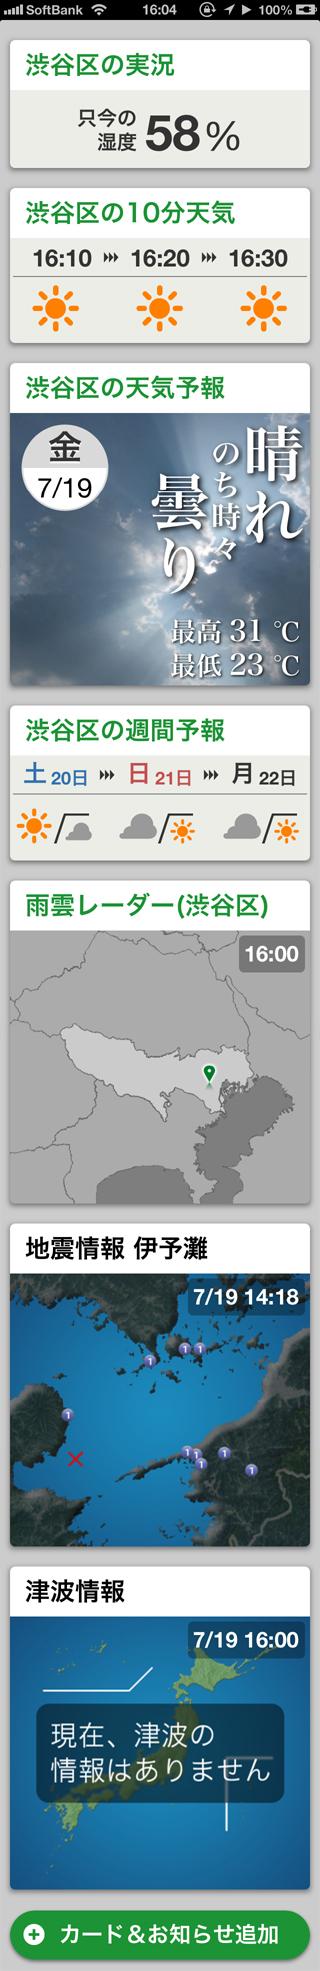 rakurakuwethernews_allcard